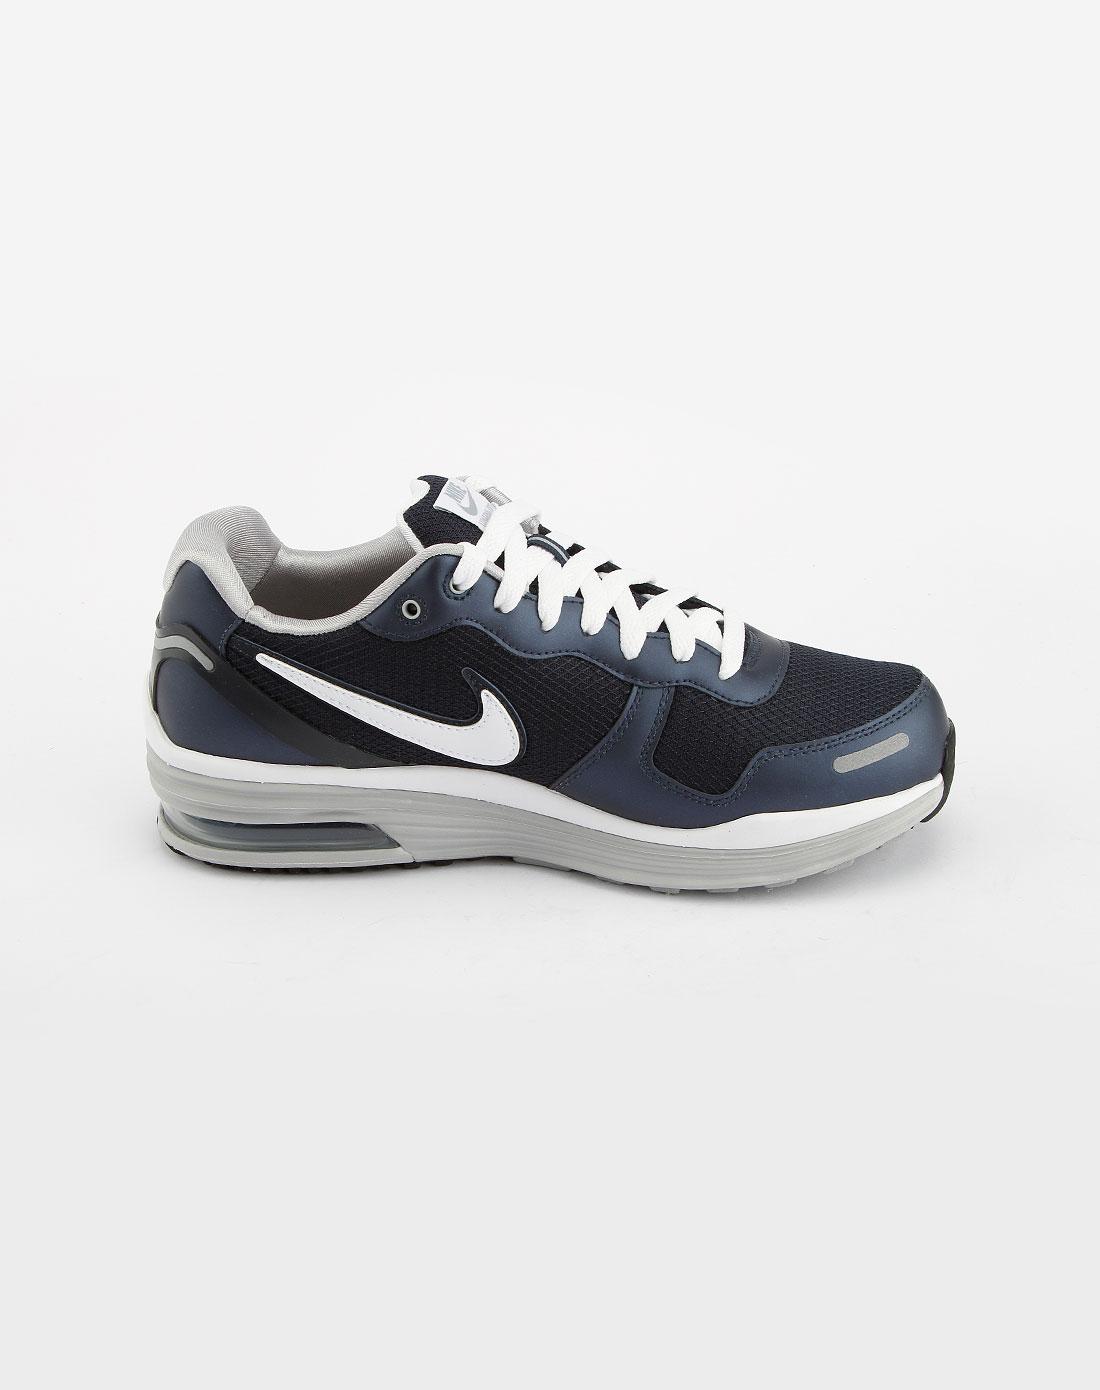 深蓝/白色气垫运动鞋_耐克nike-男鞋专场特价